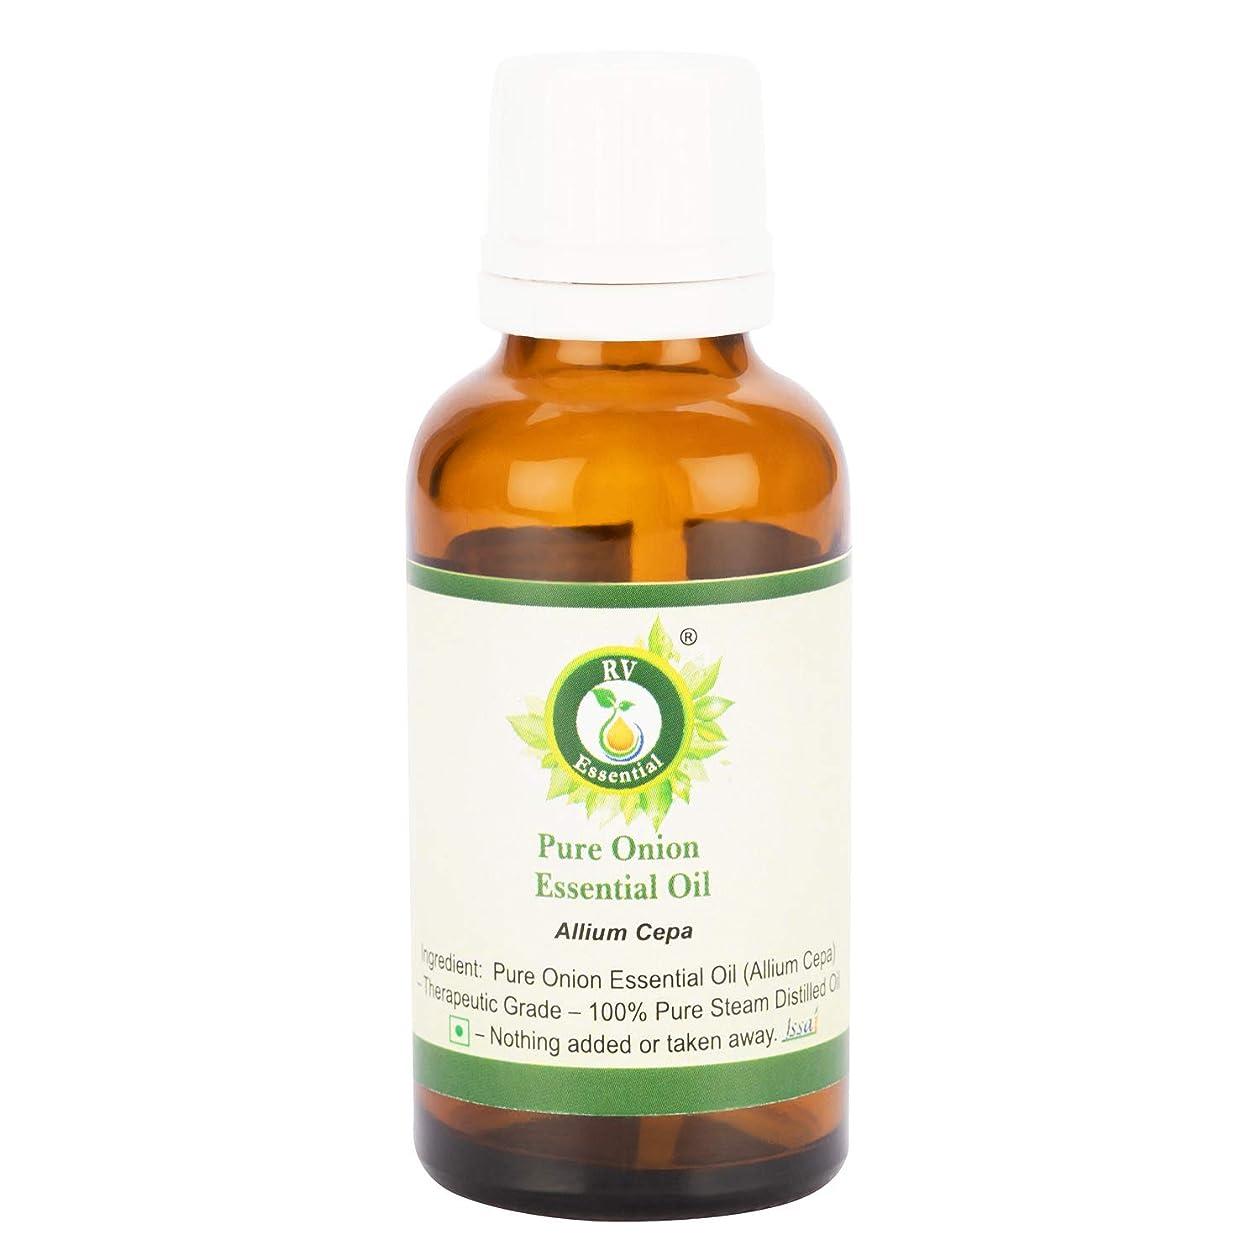 しなやかな観客痴漢ピュアエッセンシャルオイルオニオン630ml (21oz)- Allium Cepa (100%純粋&天然スチームDistilled) Pure Onion Essential Oil